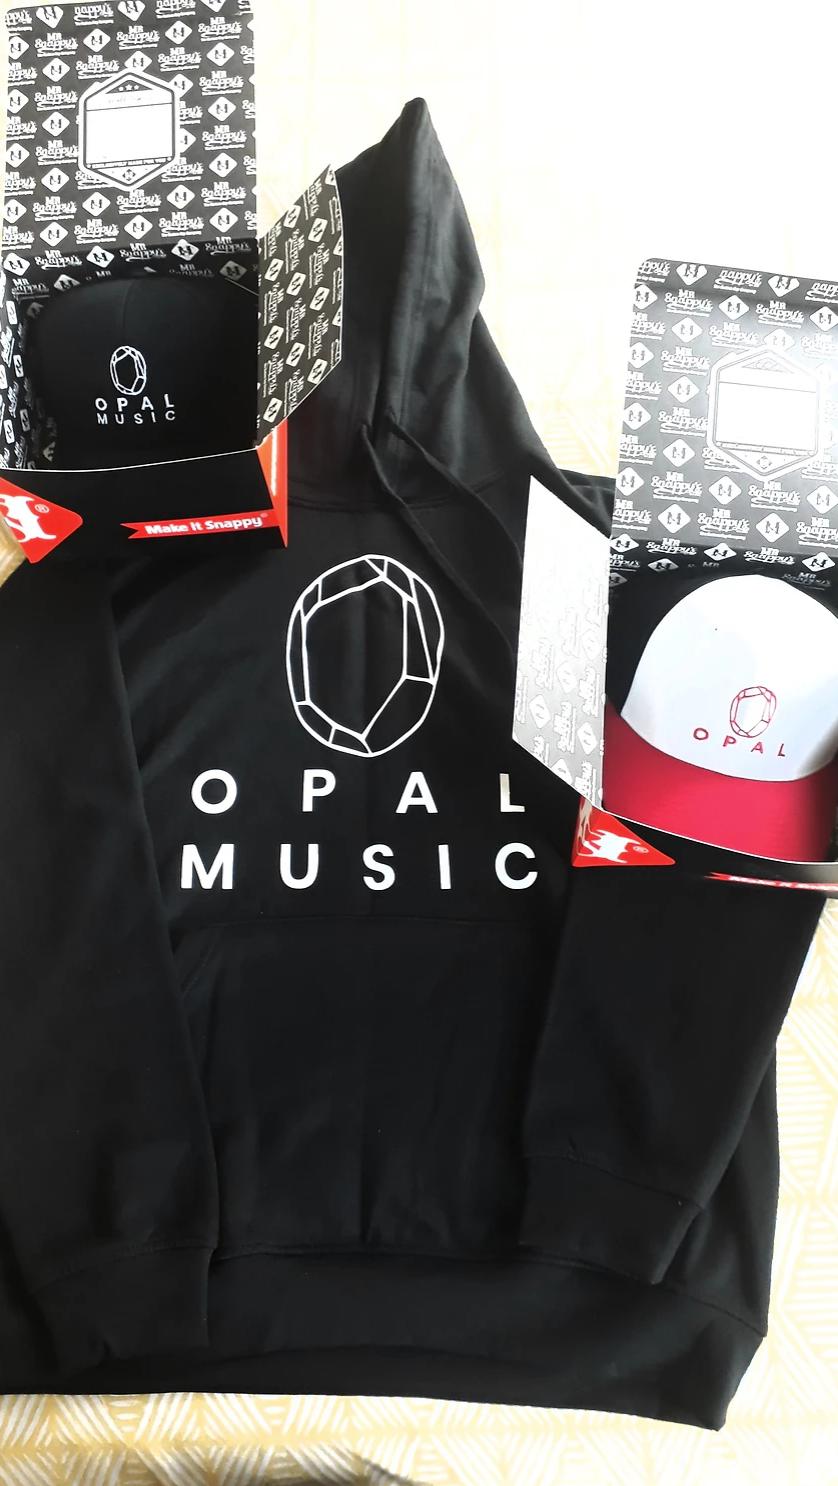 Opal Logo on Merchandise